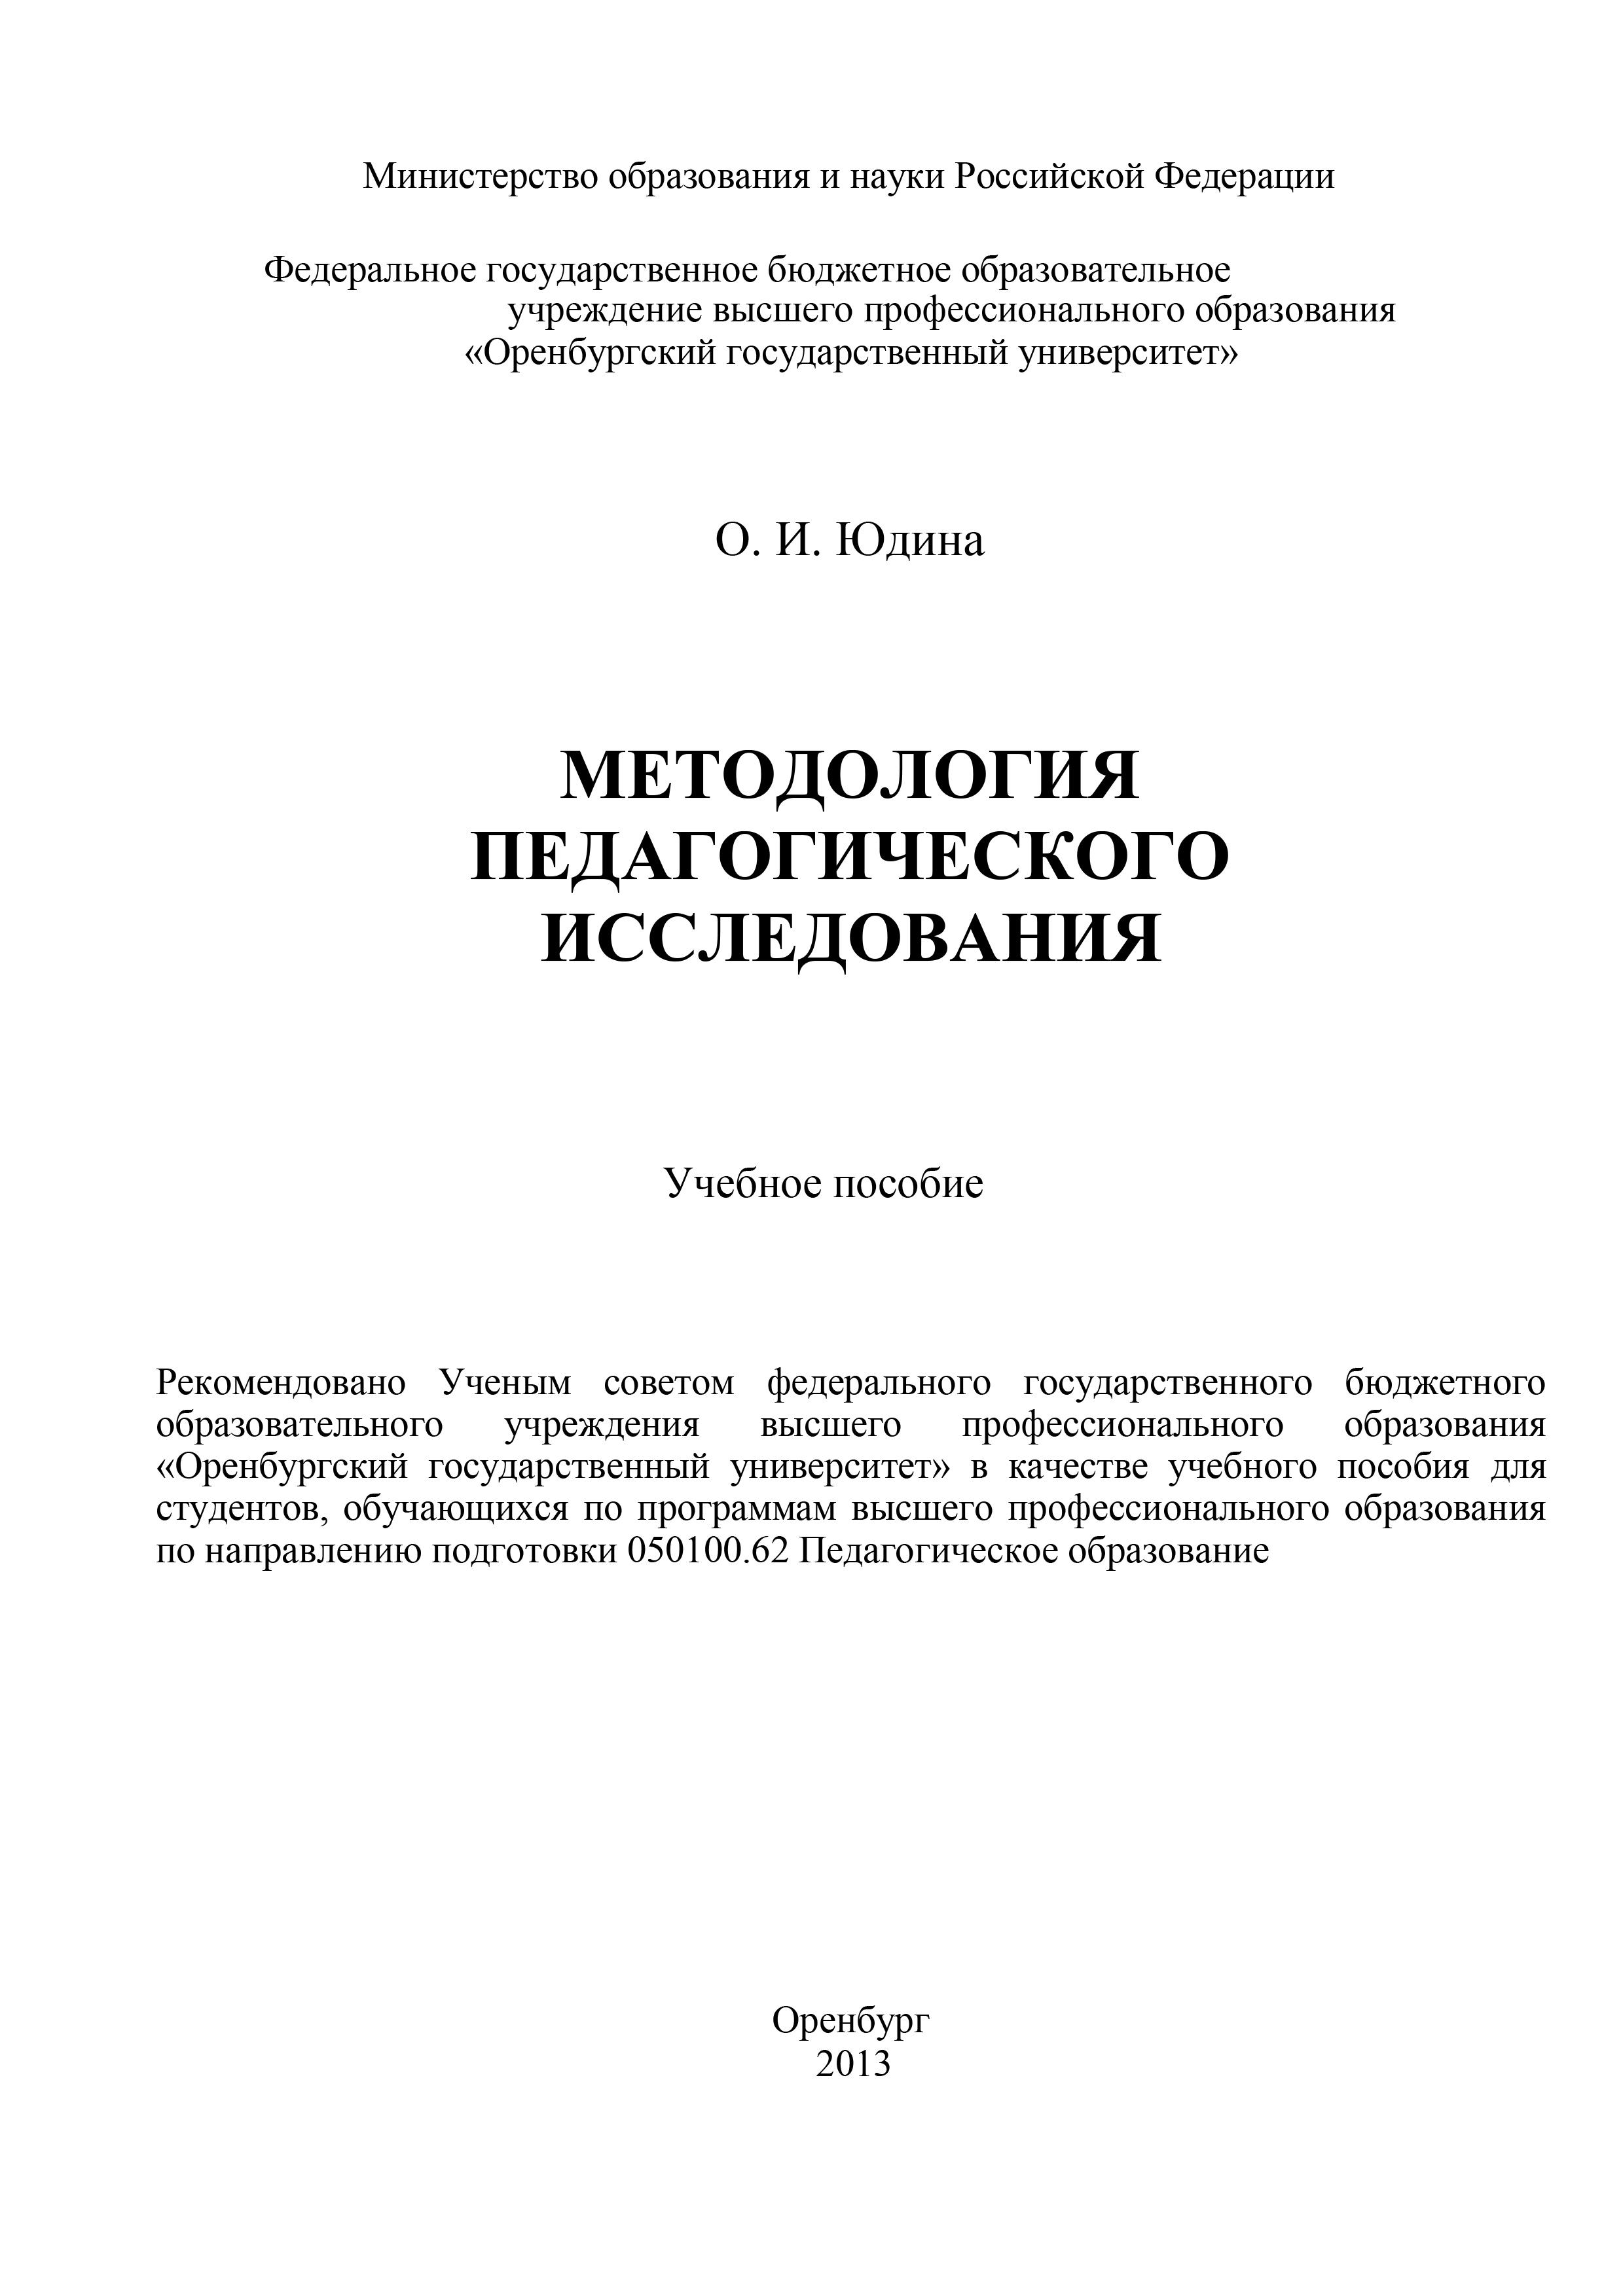 О. Юдина Методология педагогического исследования с а тарасенко формализованная методология исследования специальной техники